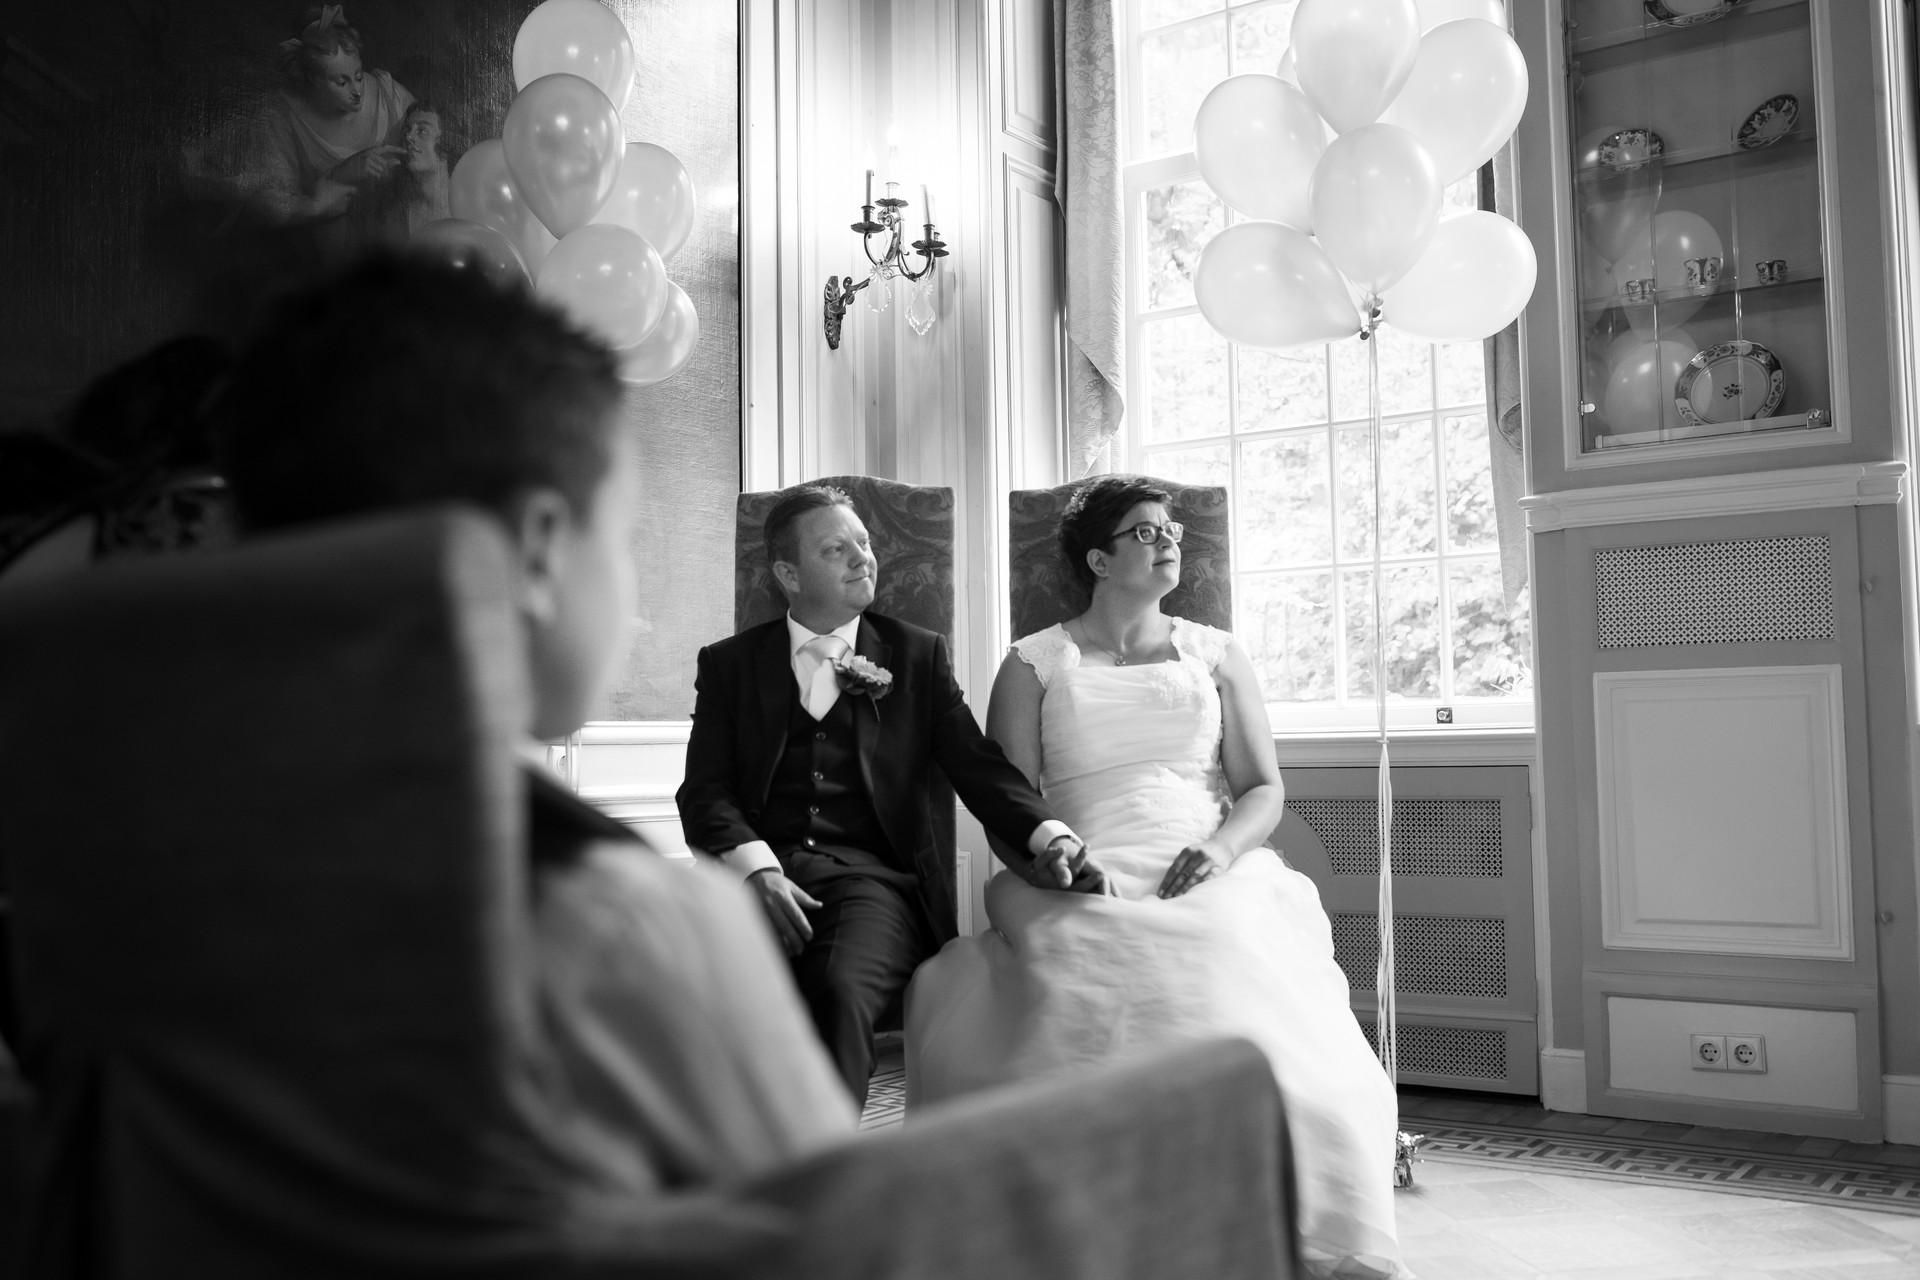 Martijn-en-Diane-ceremonie-20.jpg